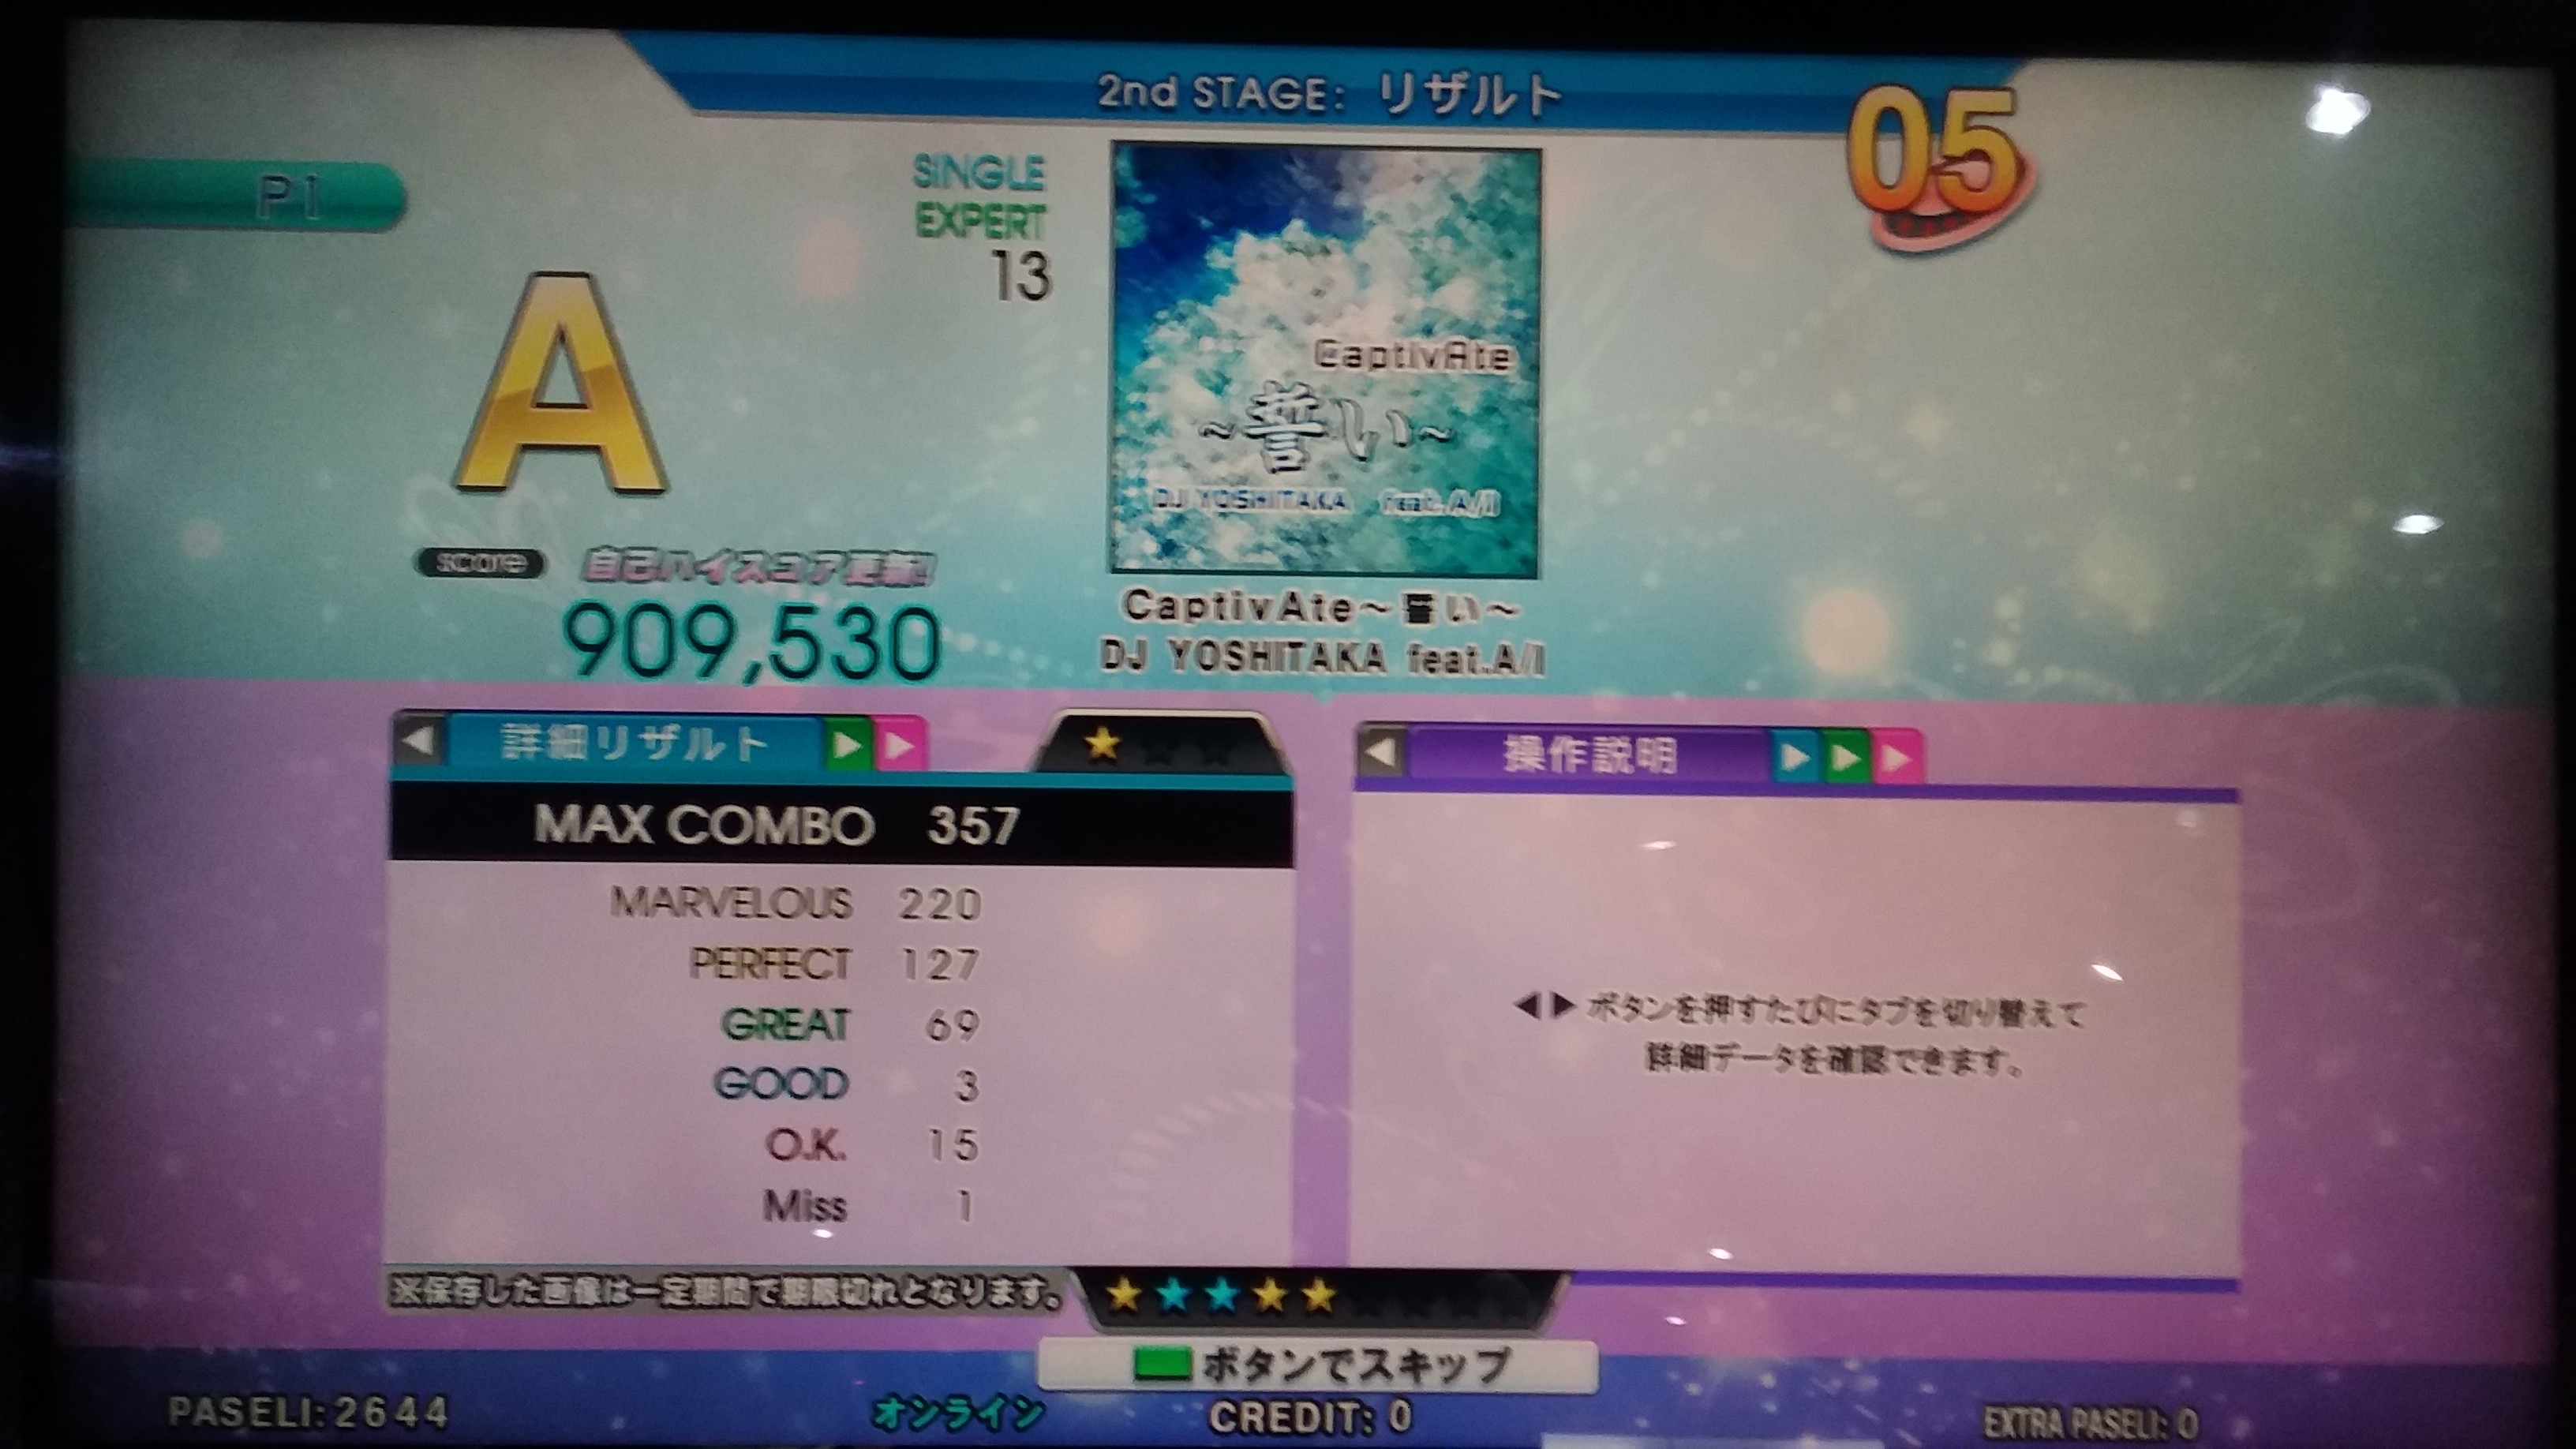 CaptivAte-誓い-(激)A判定